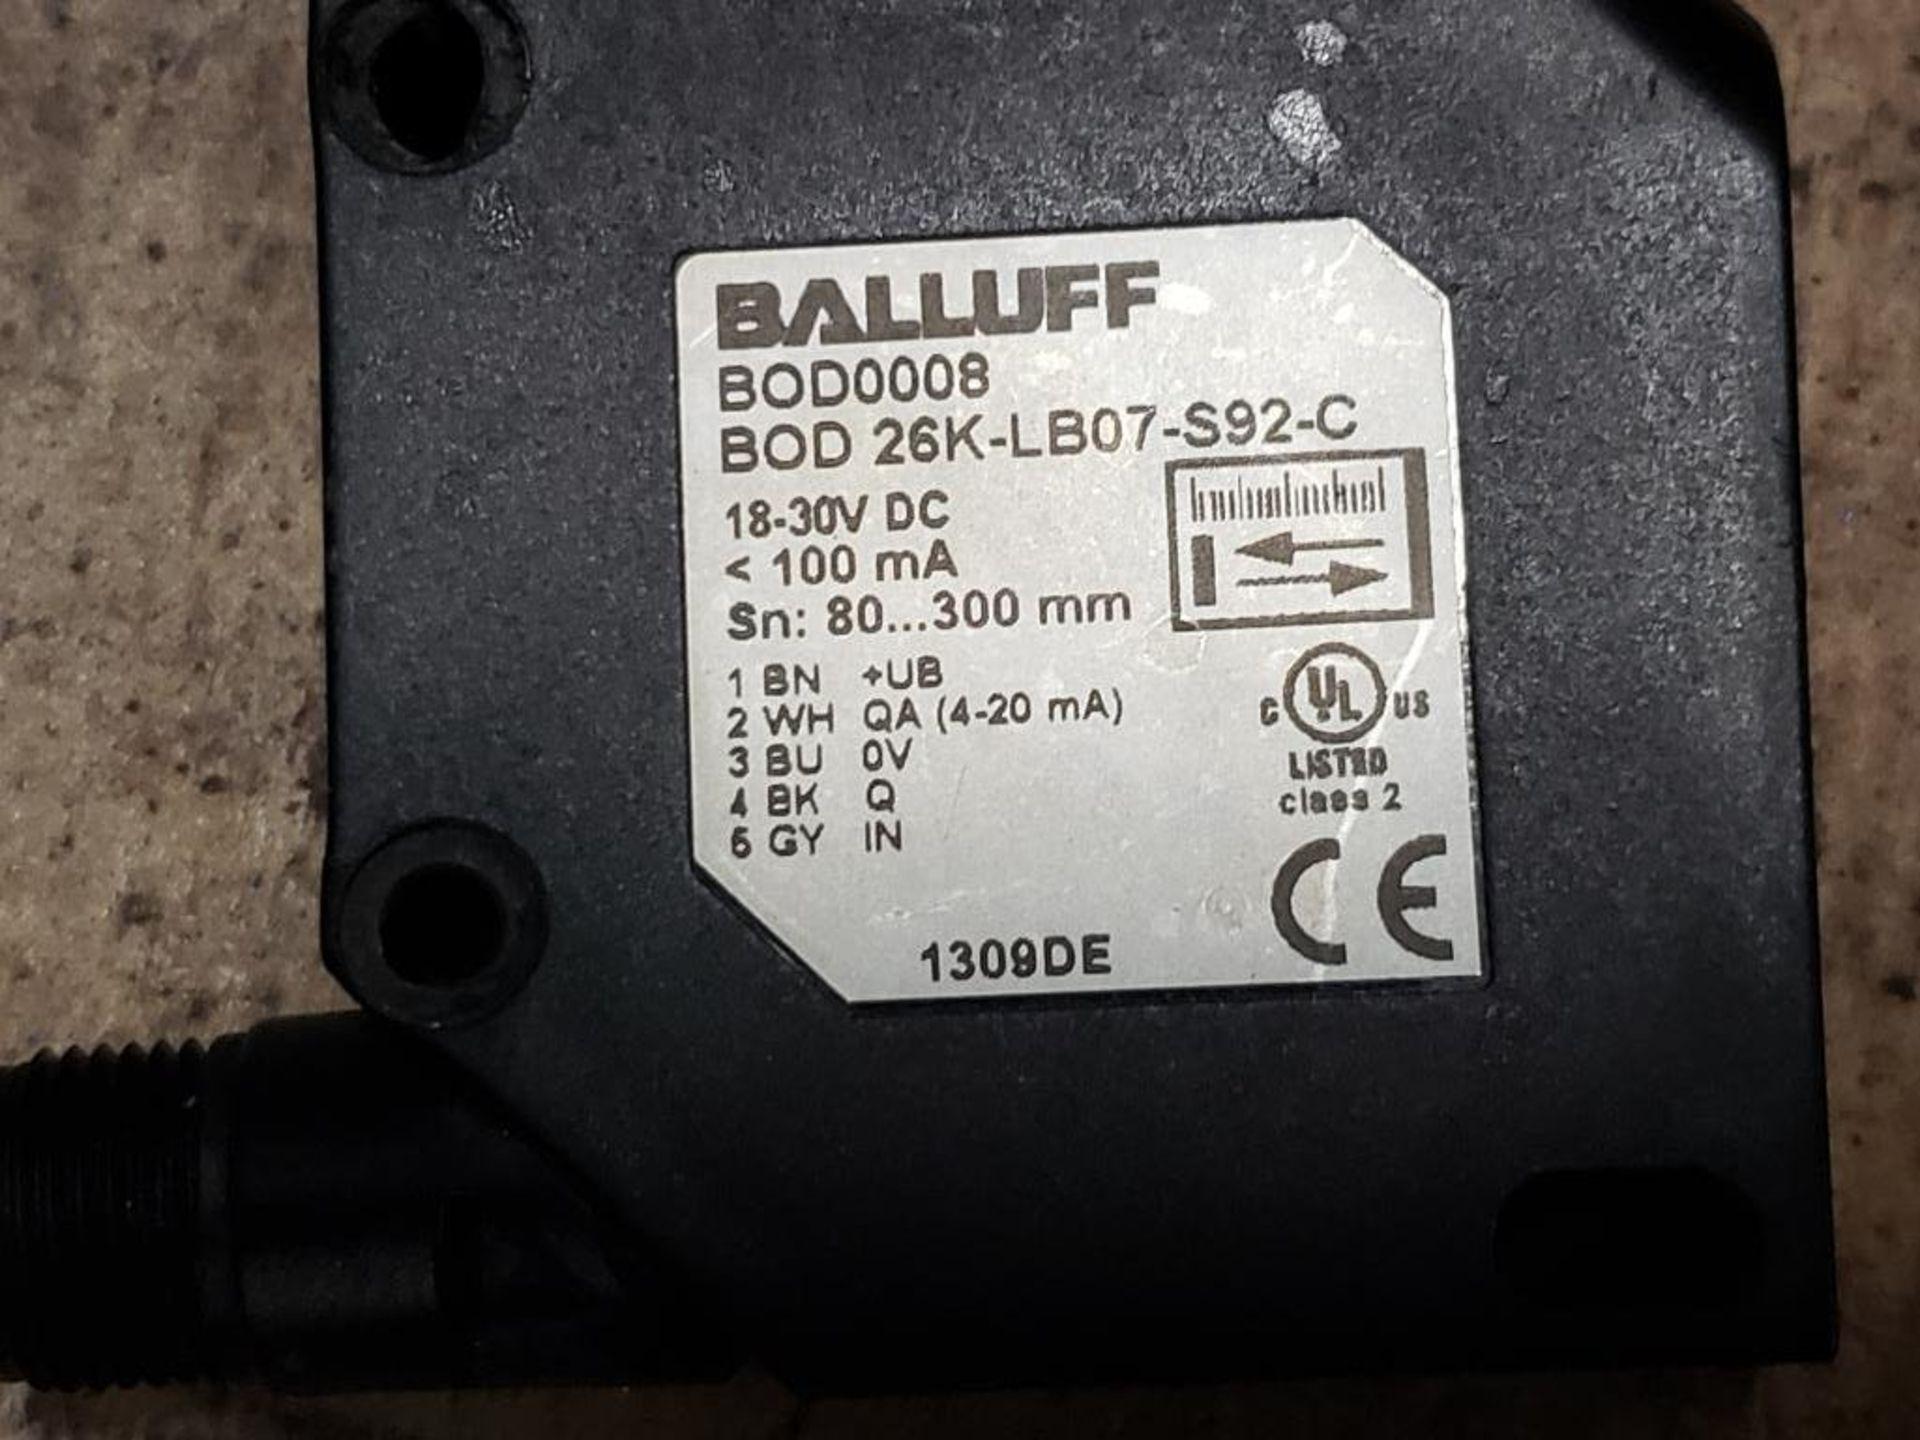 Qty 3 - Balluff BOD0008 BOD 26K-LB07-S92-C Sensor. - Image 10 of 10